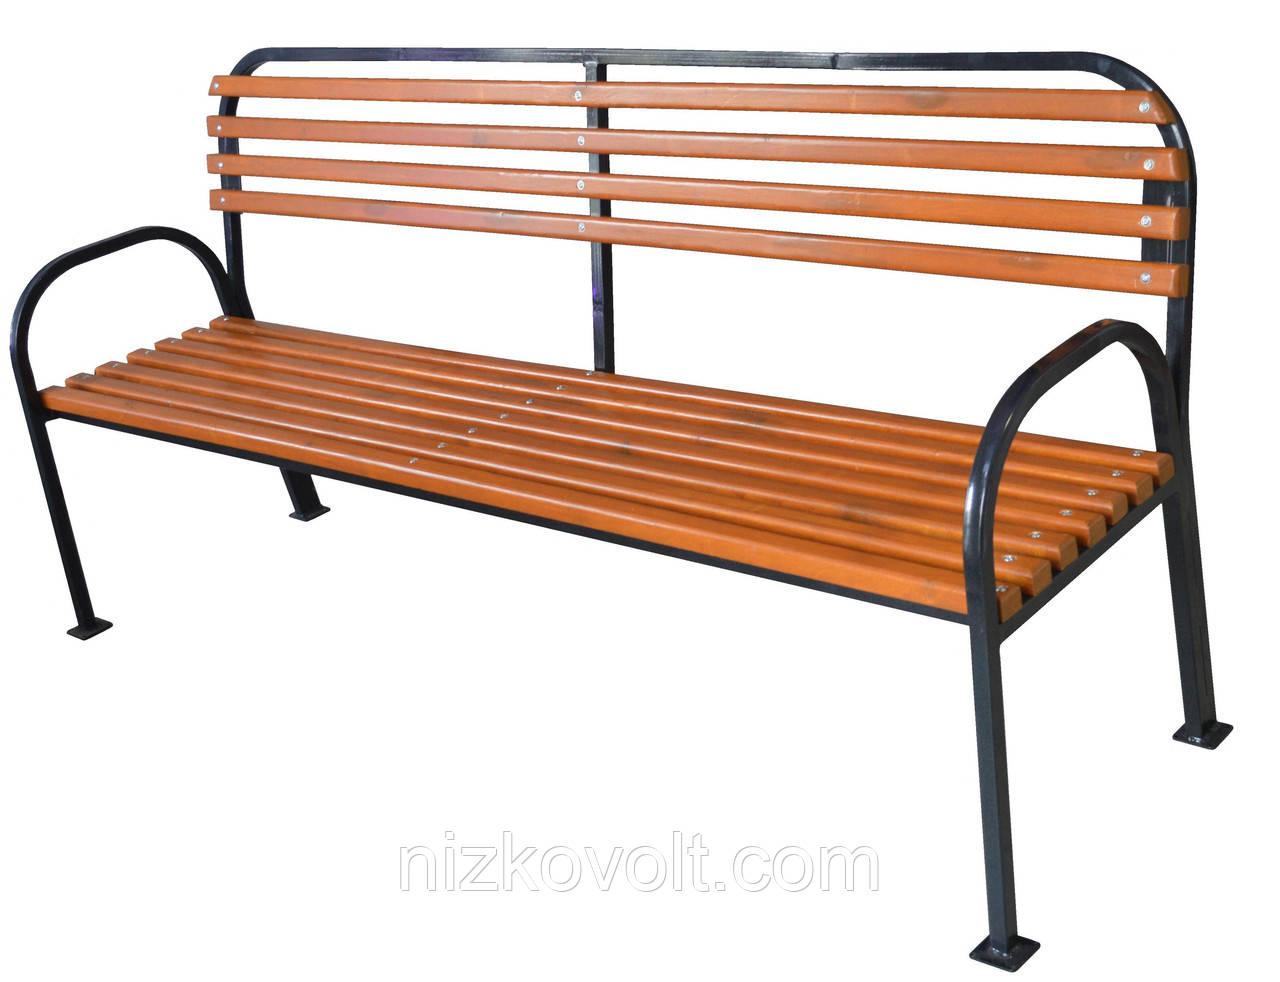 Скамейка парковая (садовая) деревянная 2000